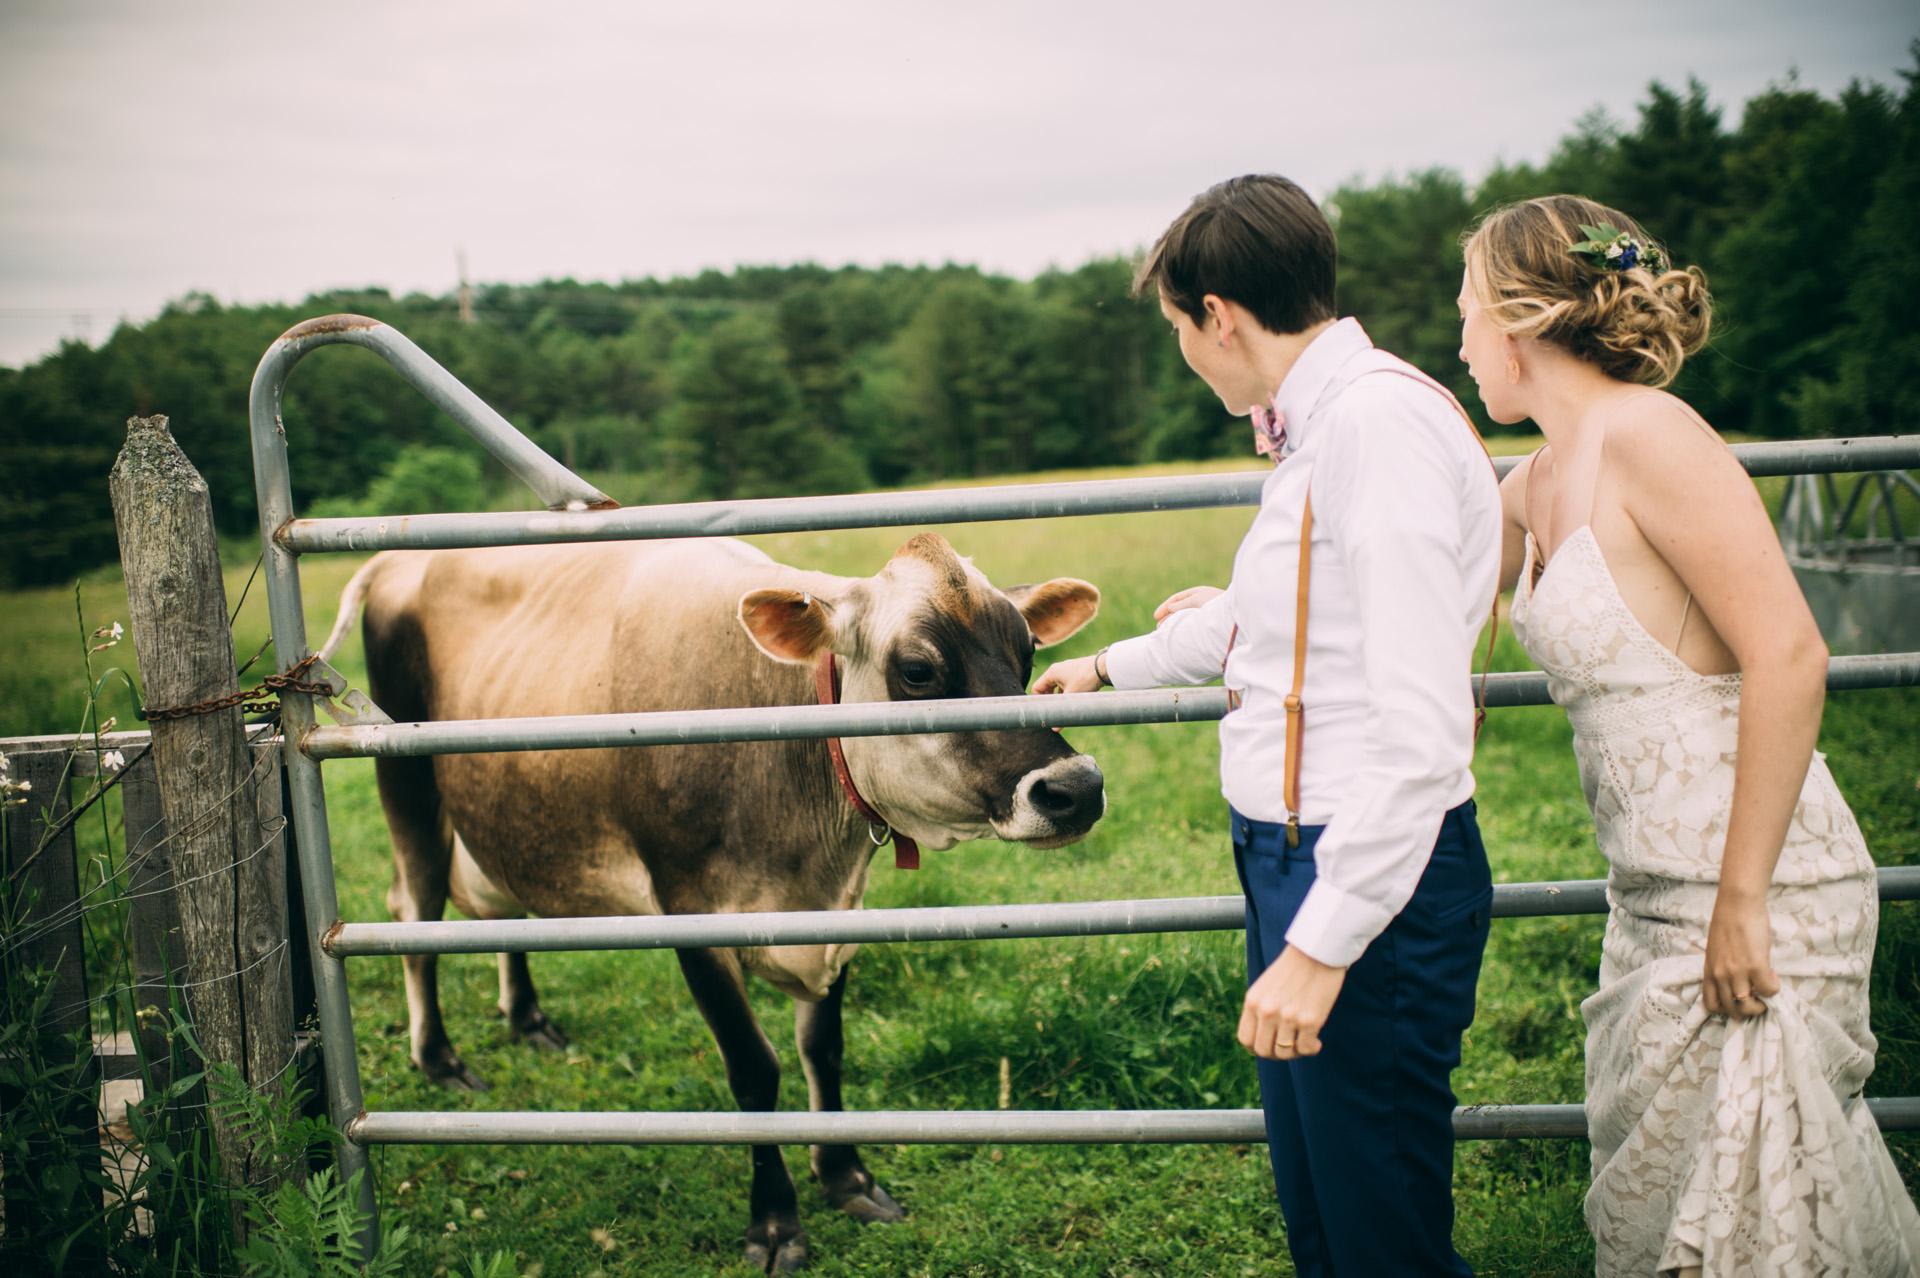 broadturn-farm-wedding-72